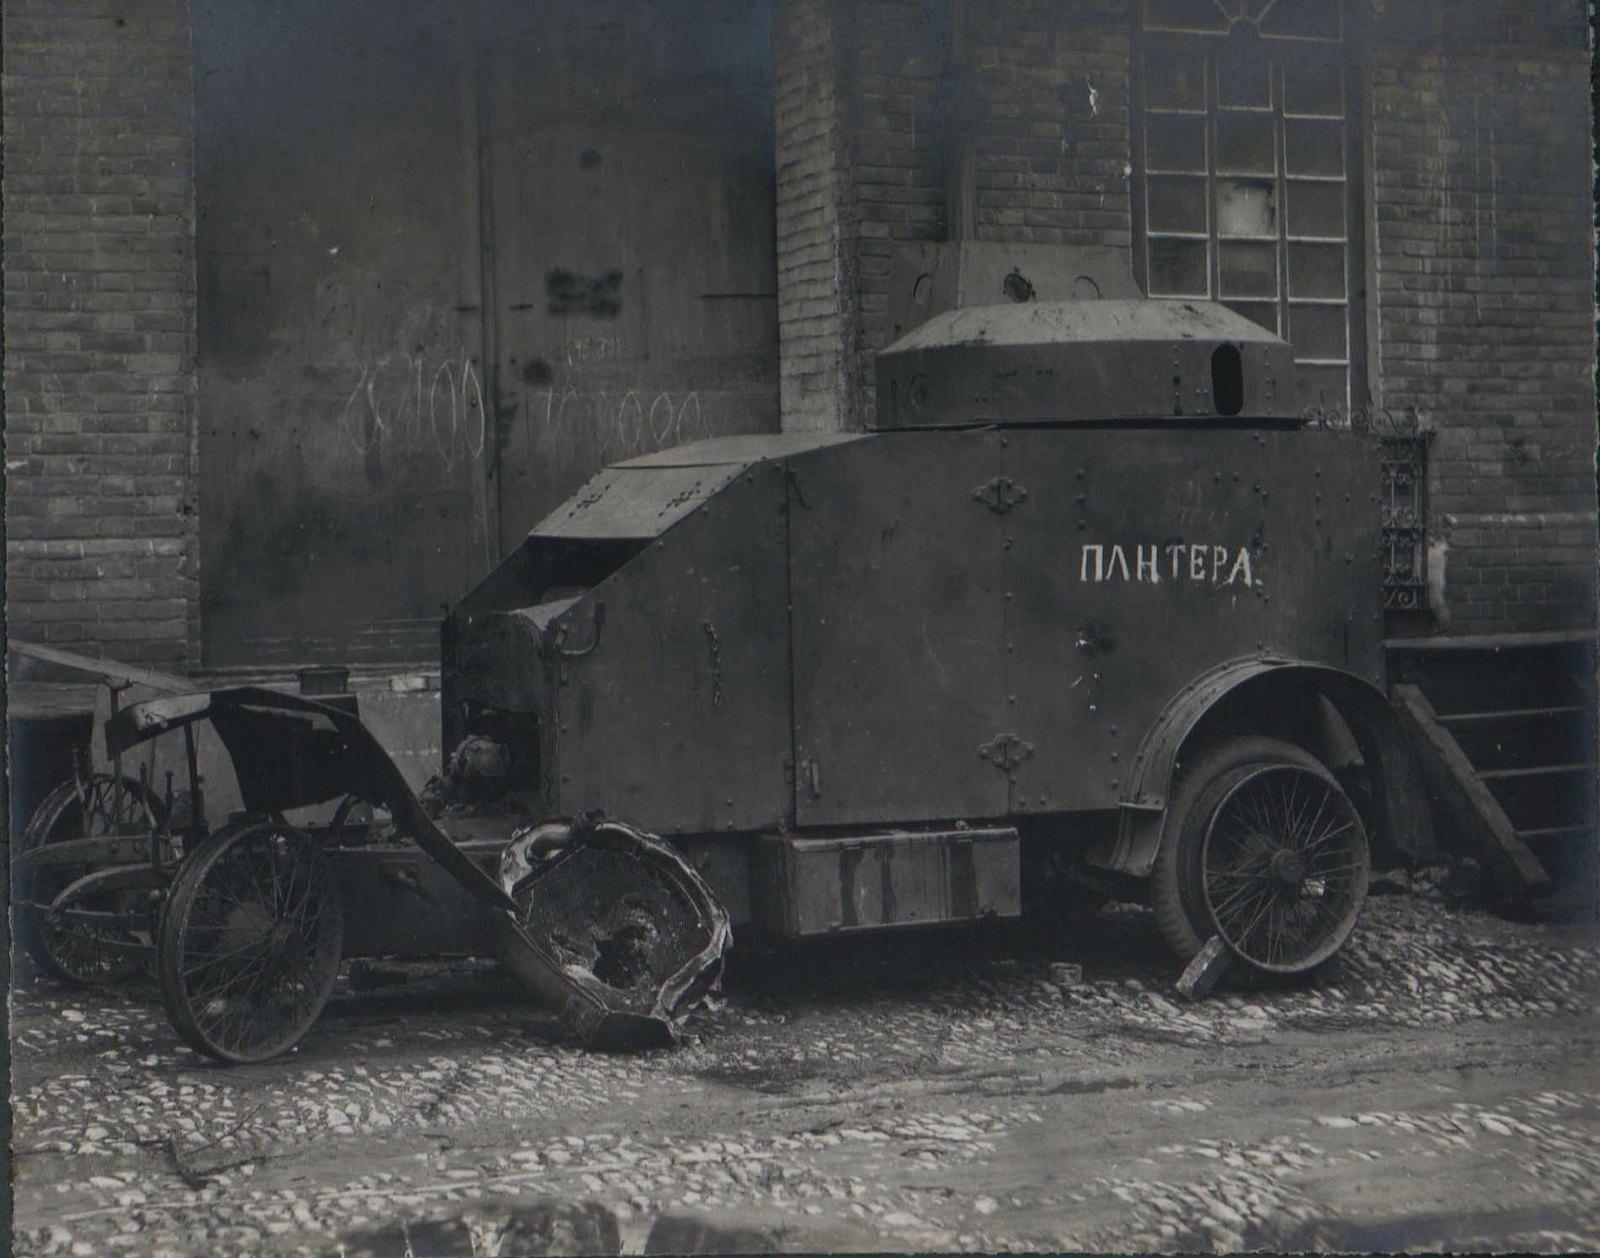 332. 1919. Бронеавтомобиль Peugeot M1915 «Пантера»